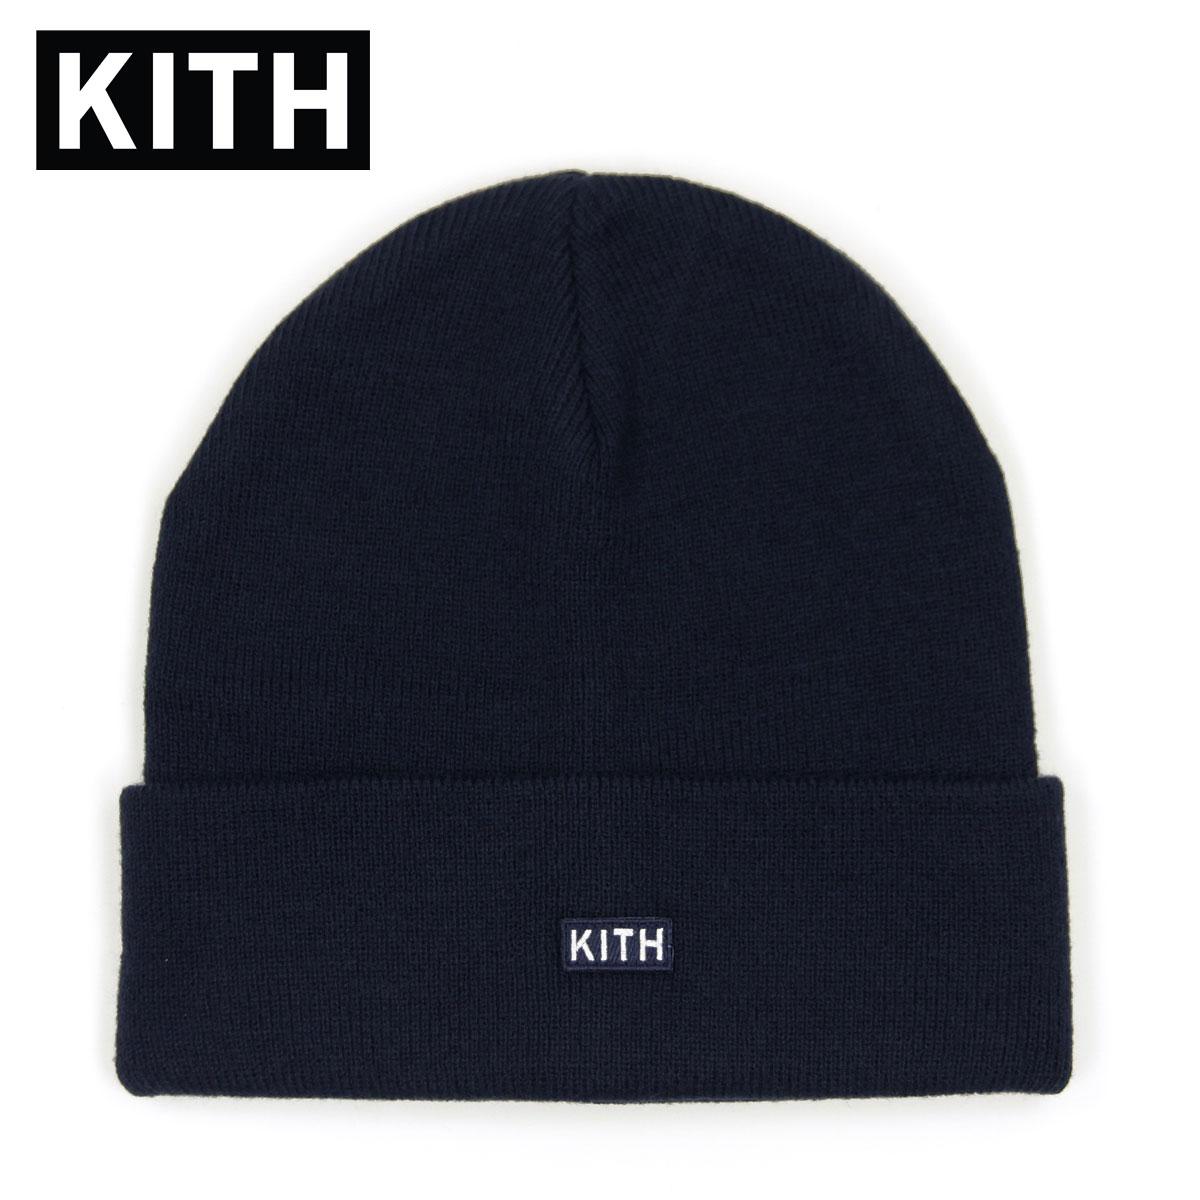 キス キャップ メンズ レディース 正規品 KITH 帽子 ビーニー ニットキャップ KITH CLASSIC DOCK BEANIE KH5738-102 NAVY 父の日